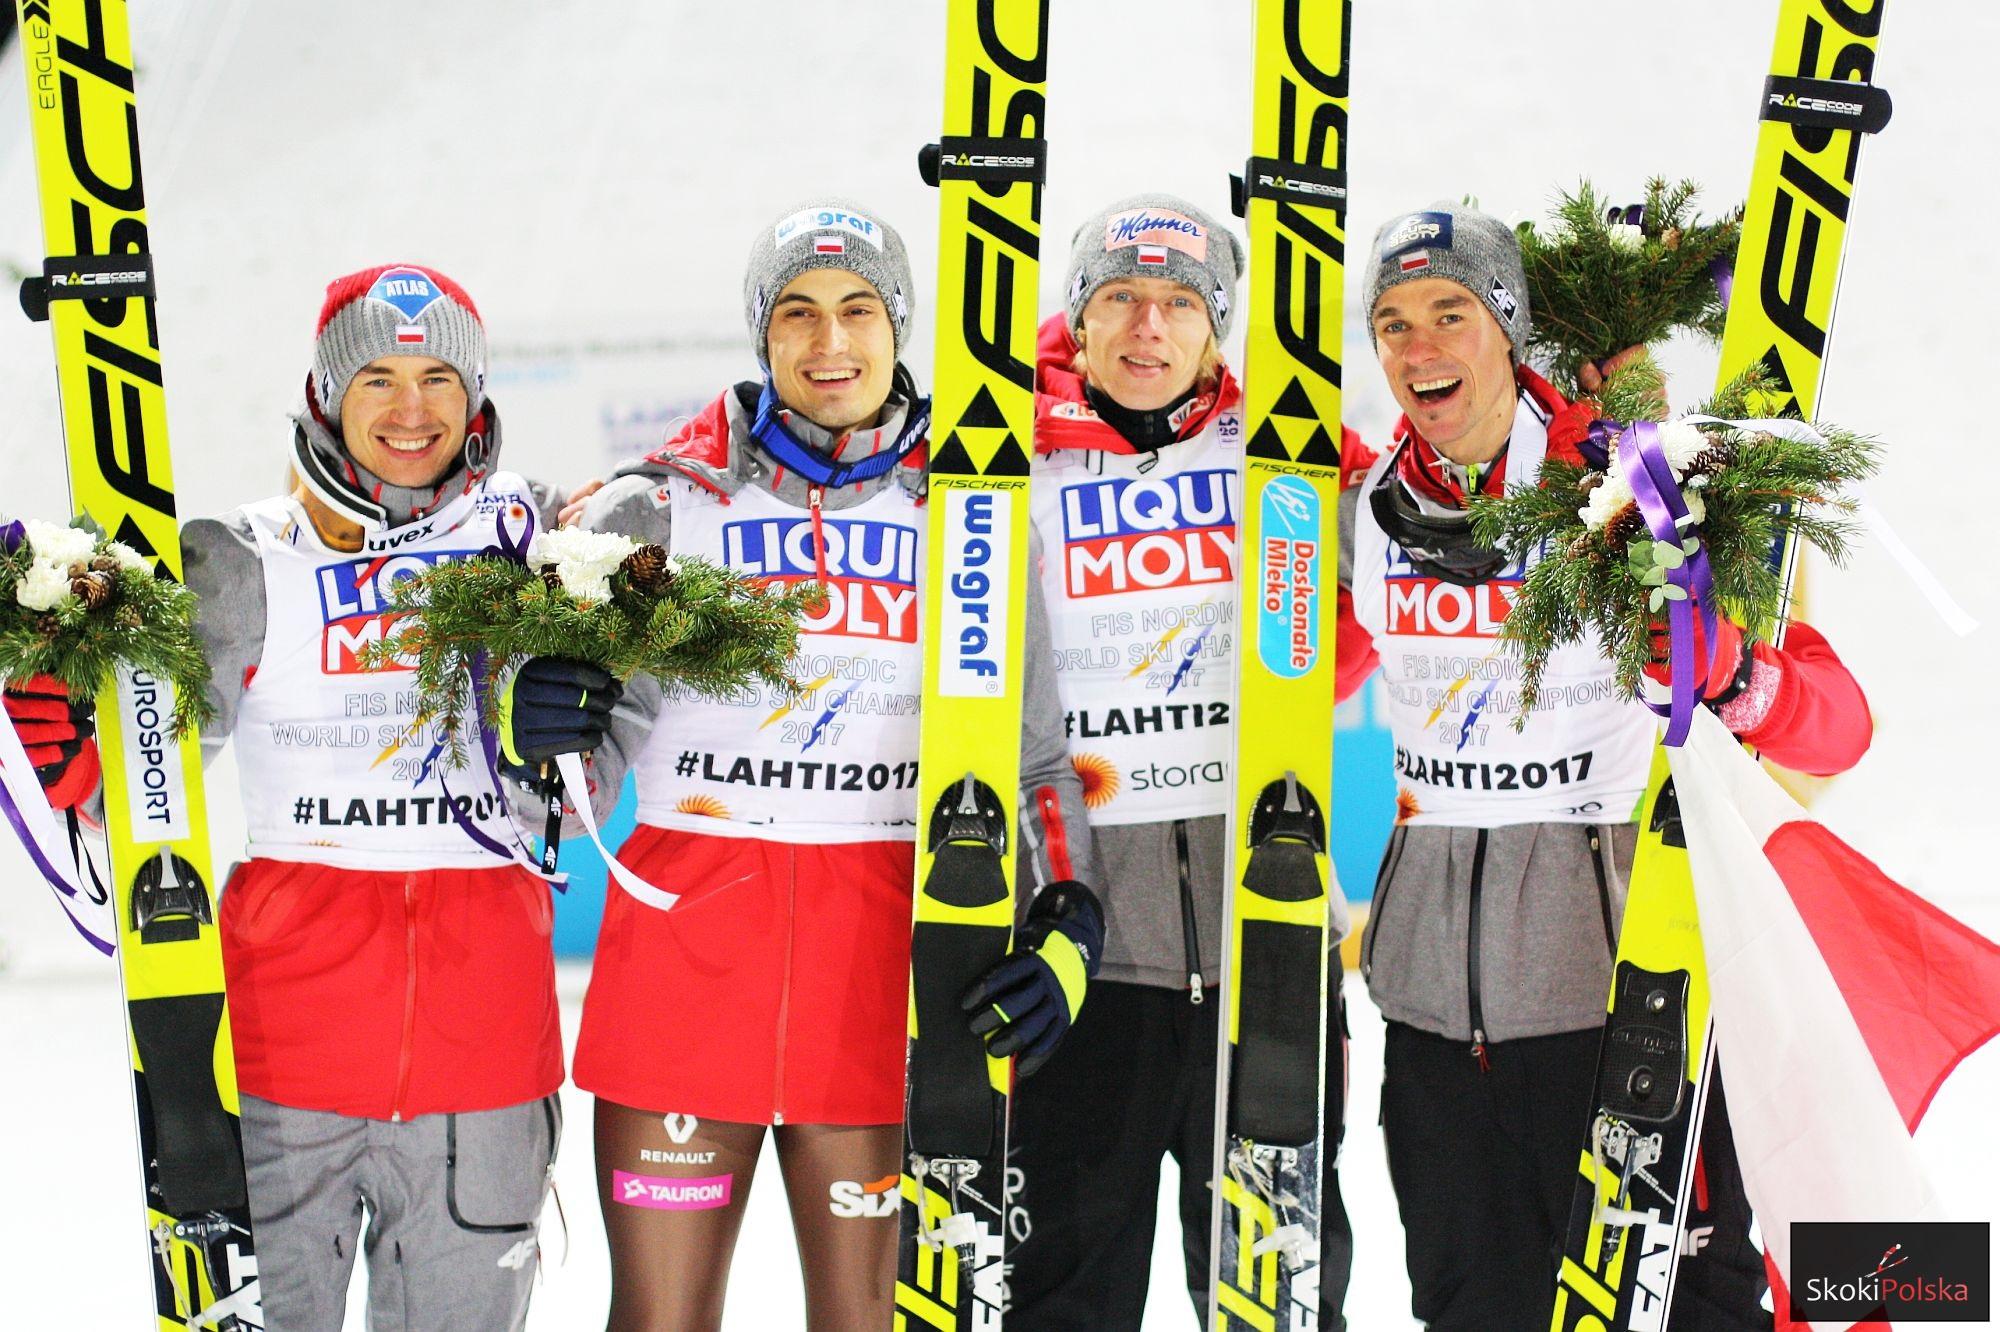 MŚ Lahti: Polscy skoczkowie mistrzami świata w drużynie!